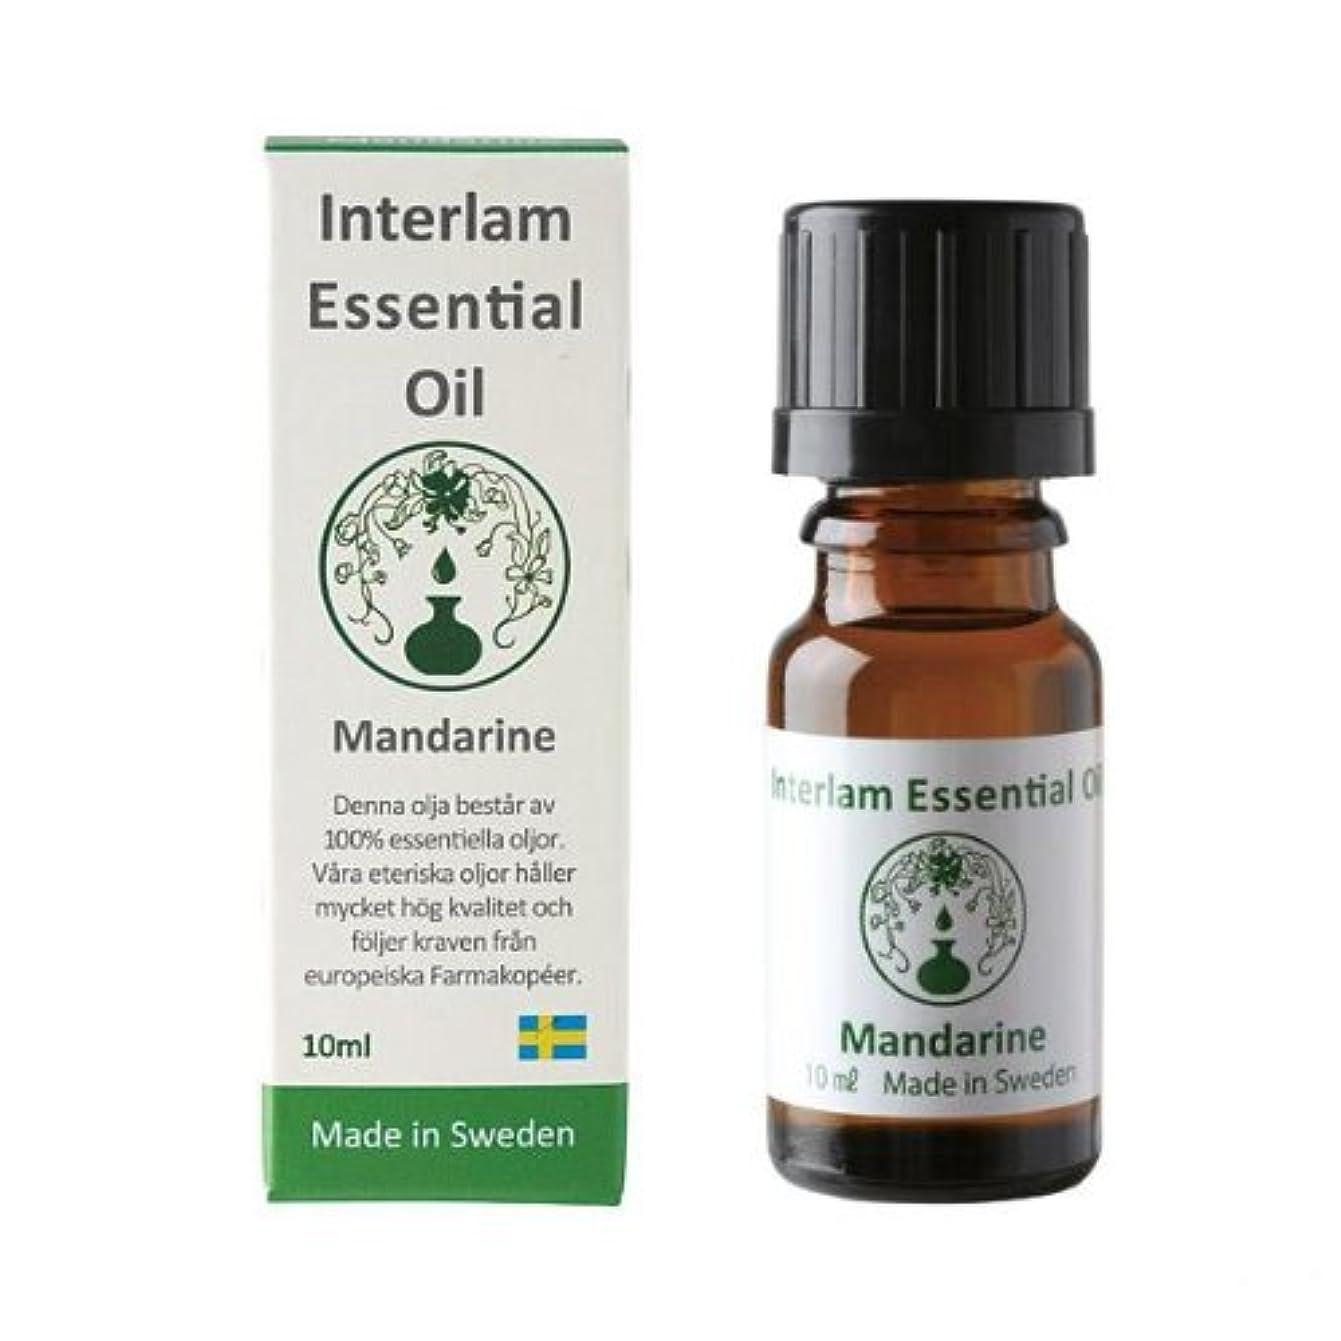 おばあさんリズミカルな俳優Interlam Essential Oil マンダリン 10ml